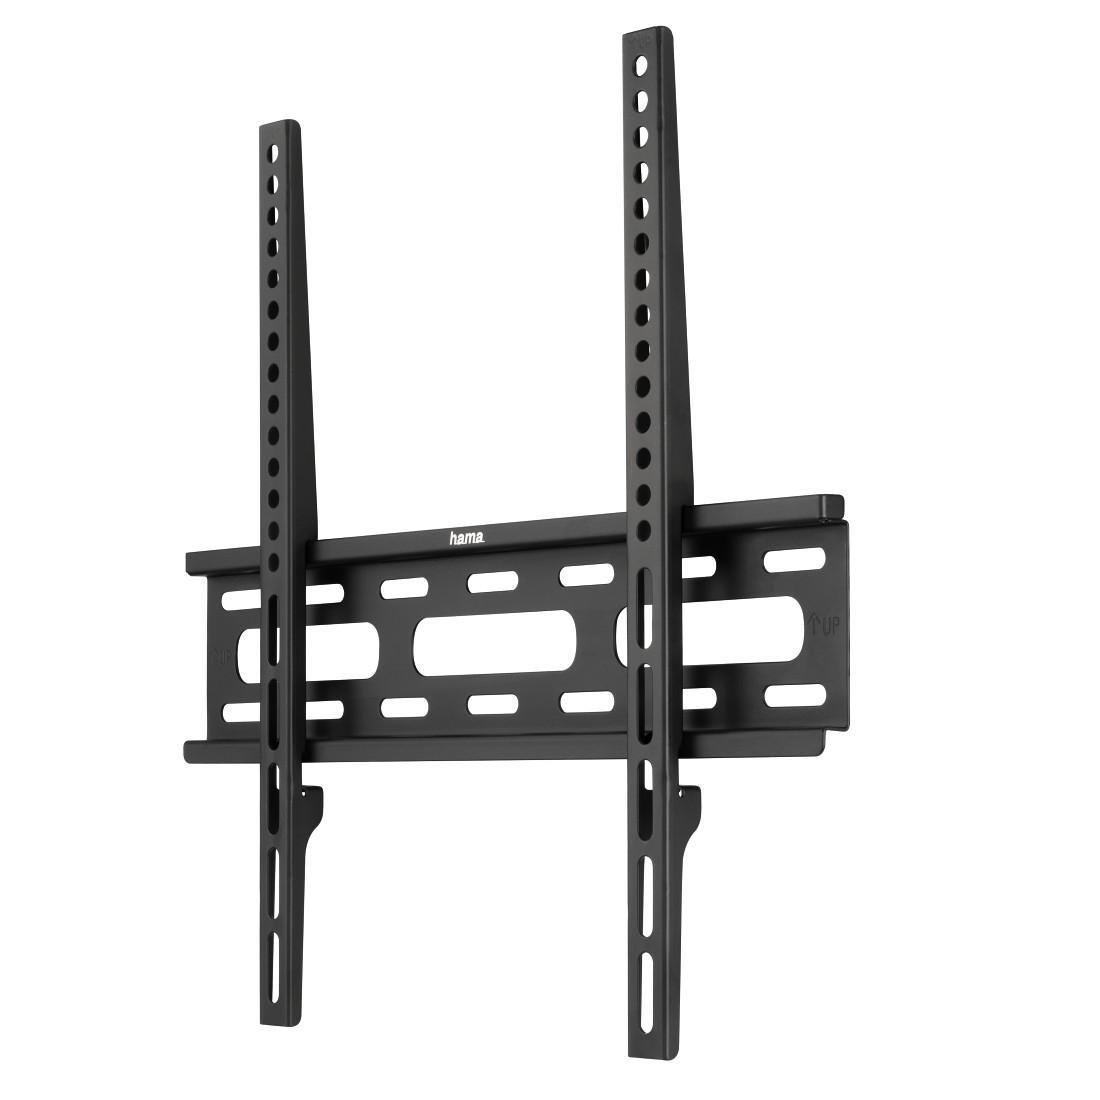 Стенна стойка за TV HAMA 108770, Фиксирана, 32-56, 30 кг, Черна